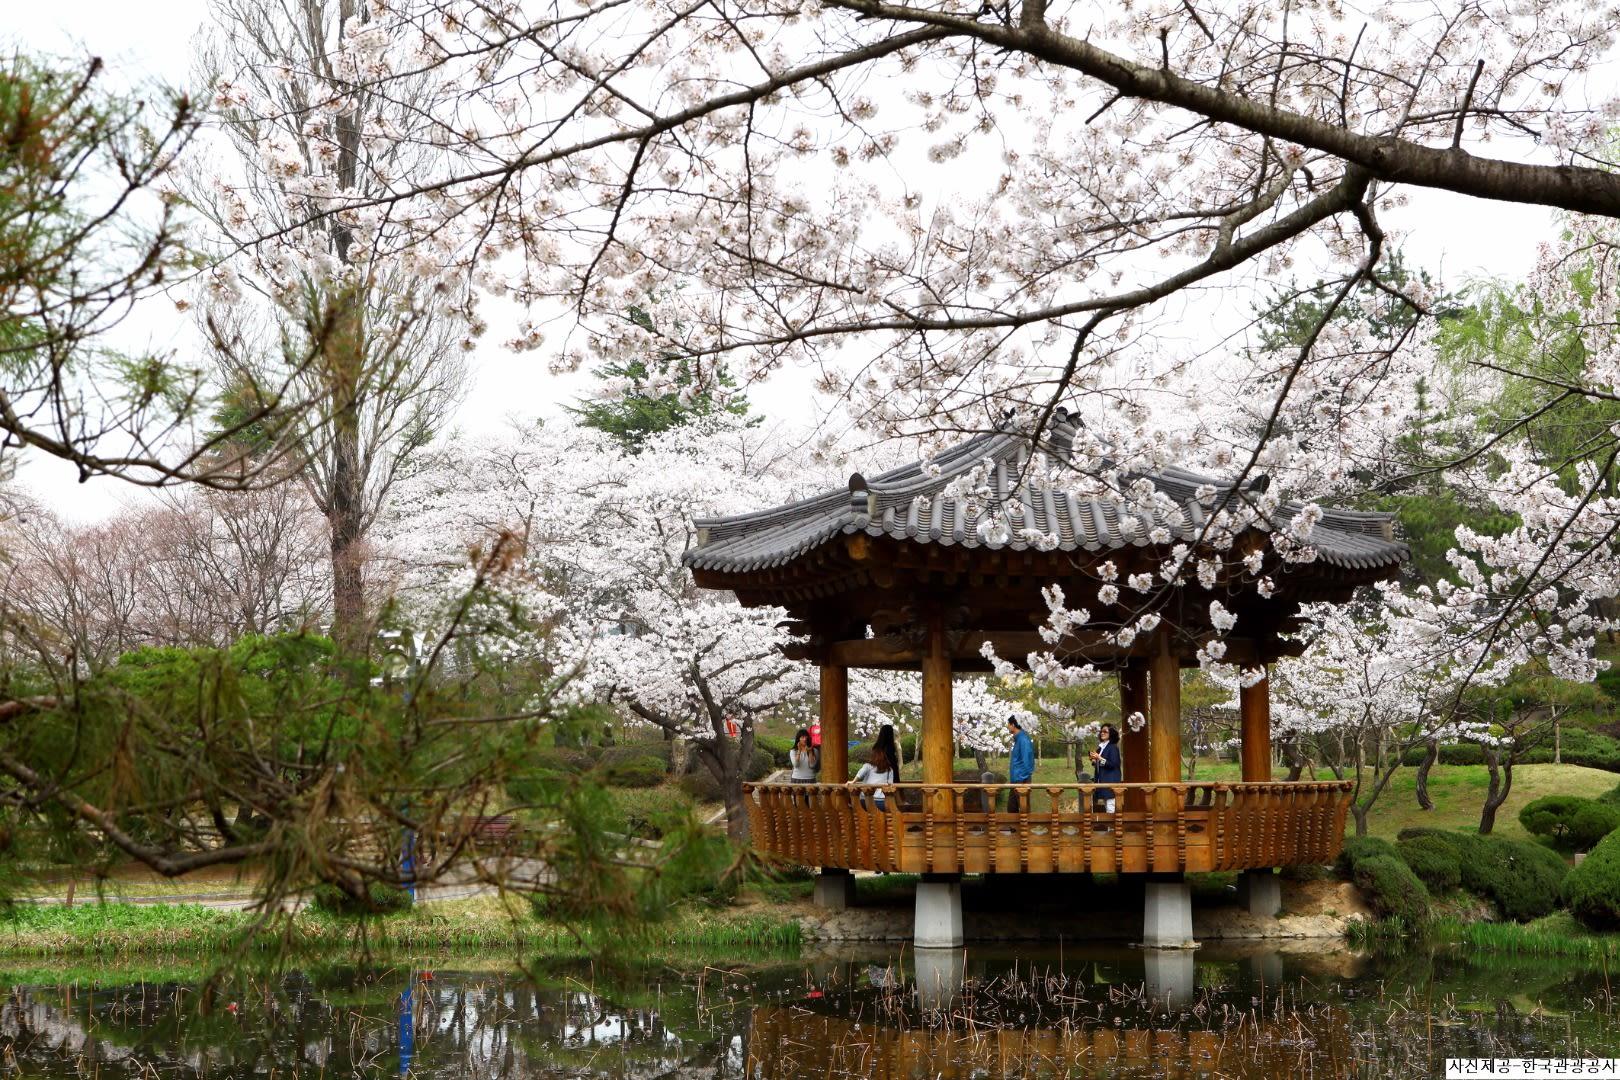 hoạt động săn hoa anh đào ở hàn quốc: festival anh đào tỉnh gyeongju